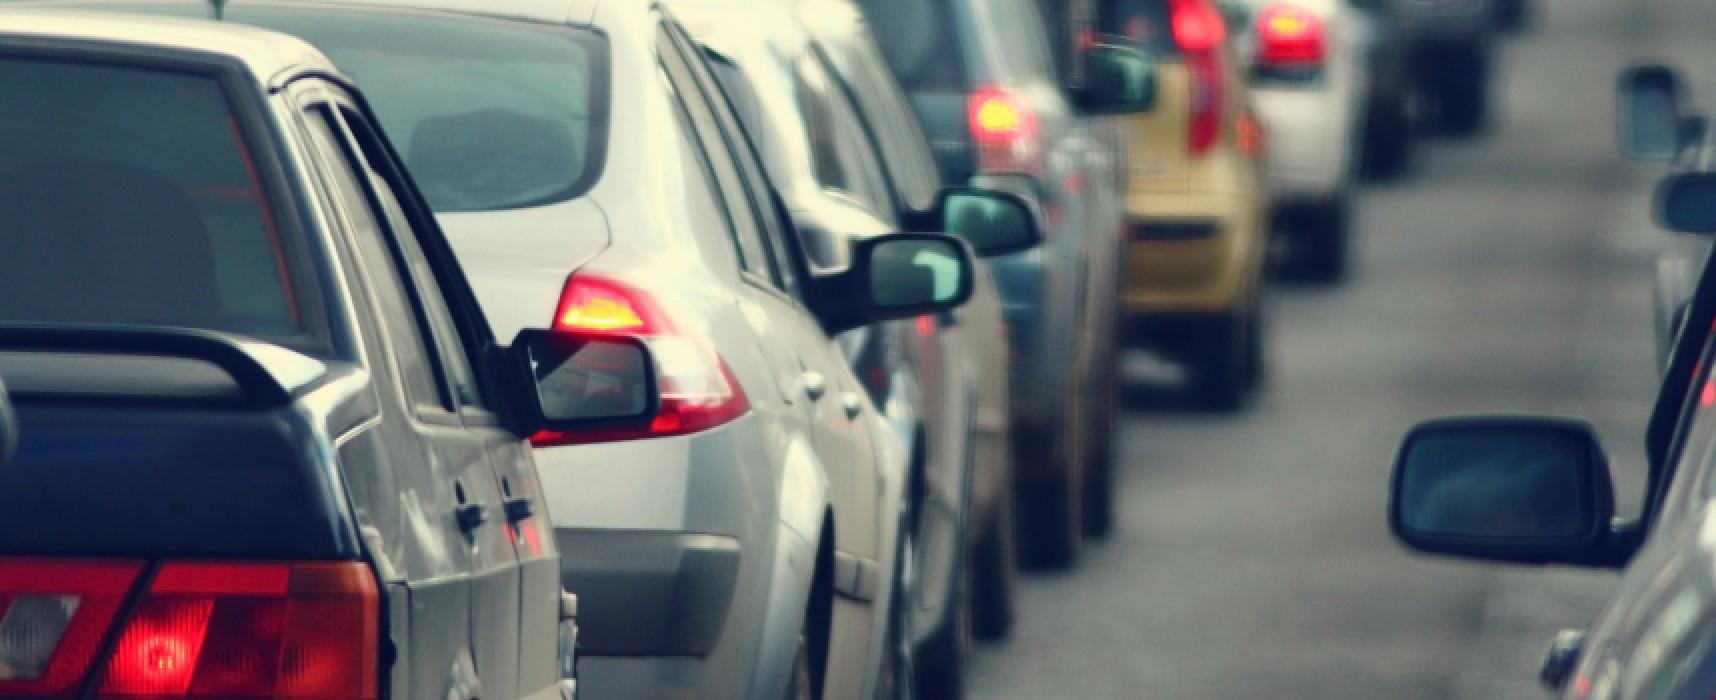 """Biciliæ: """"Invece di proporre parcheggi gratis perchè non promuovere una Bisceglie senza auto?"""""""